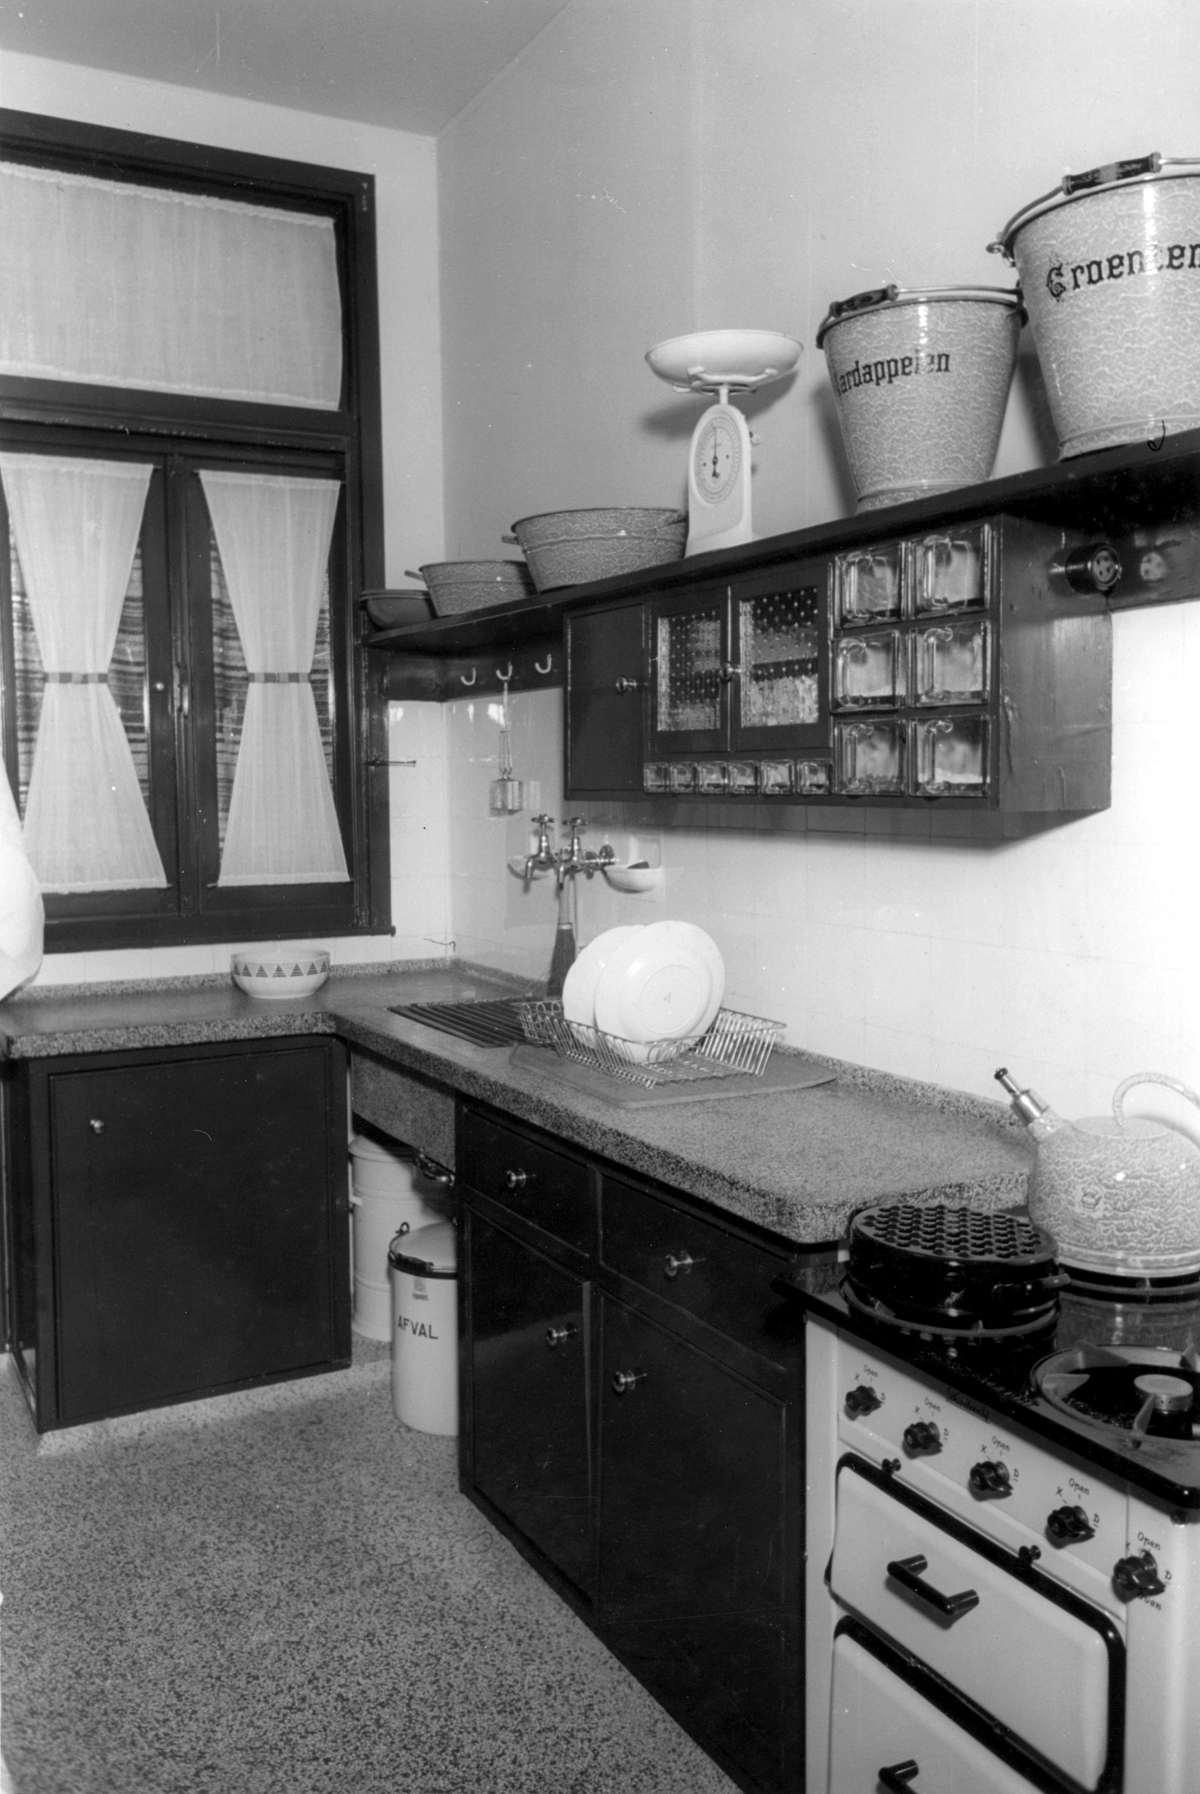 Keuken met fornuis granieten aanrecht emaille emmers en fluitketel rek met lades voor suiker - Credenza voor keuken ...